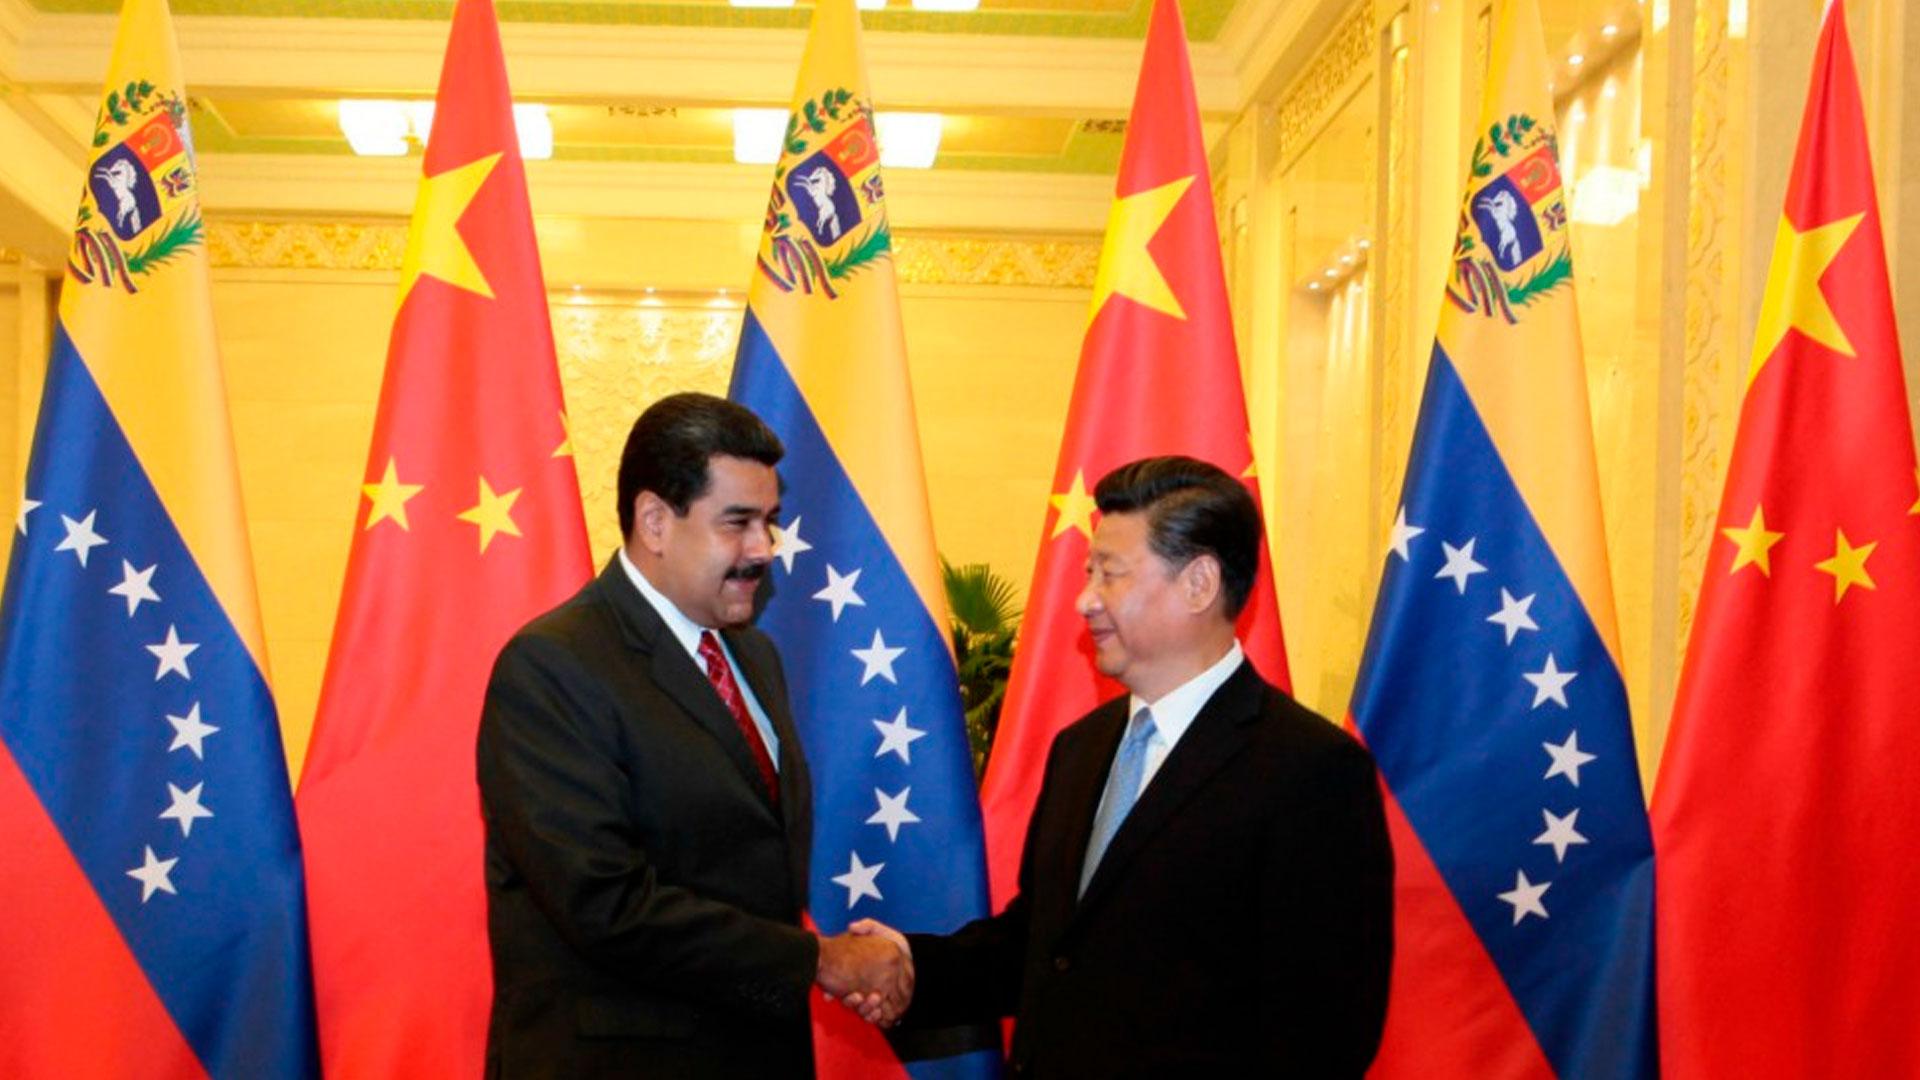 Nicolás Maduro y Xi Jinping se reunirán en China para fortalecer estratégicas